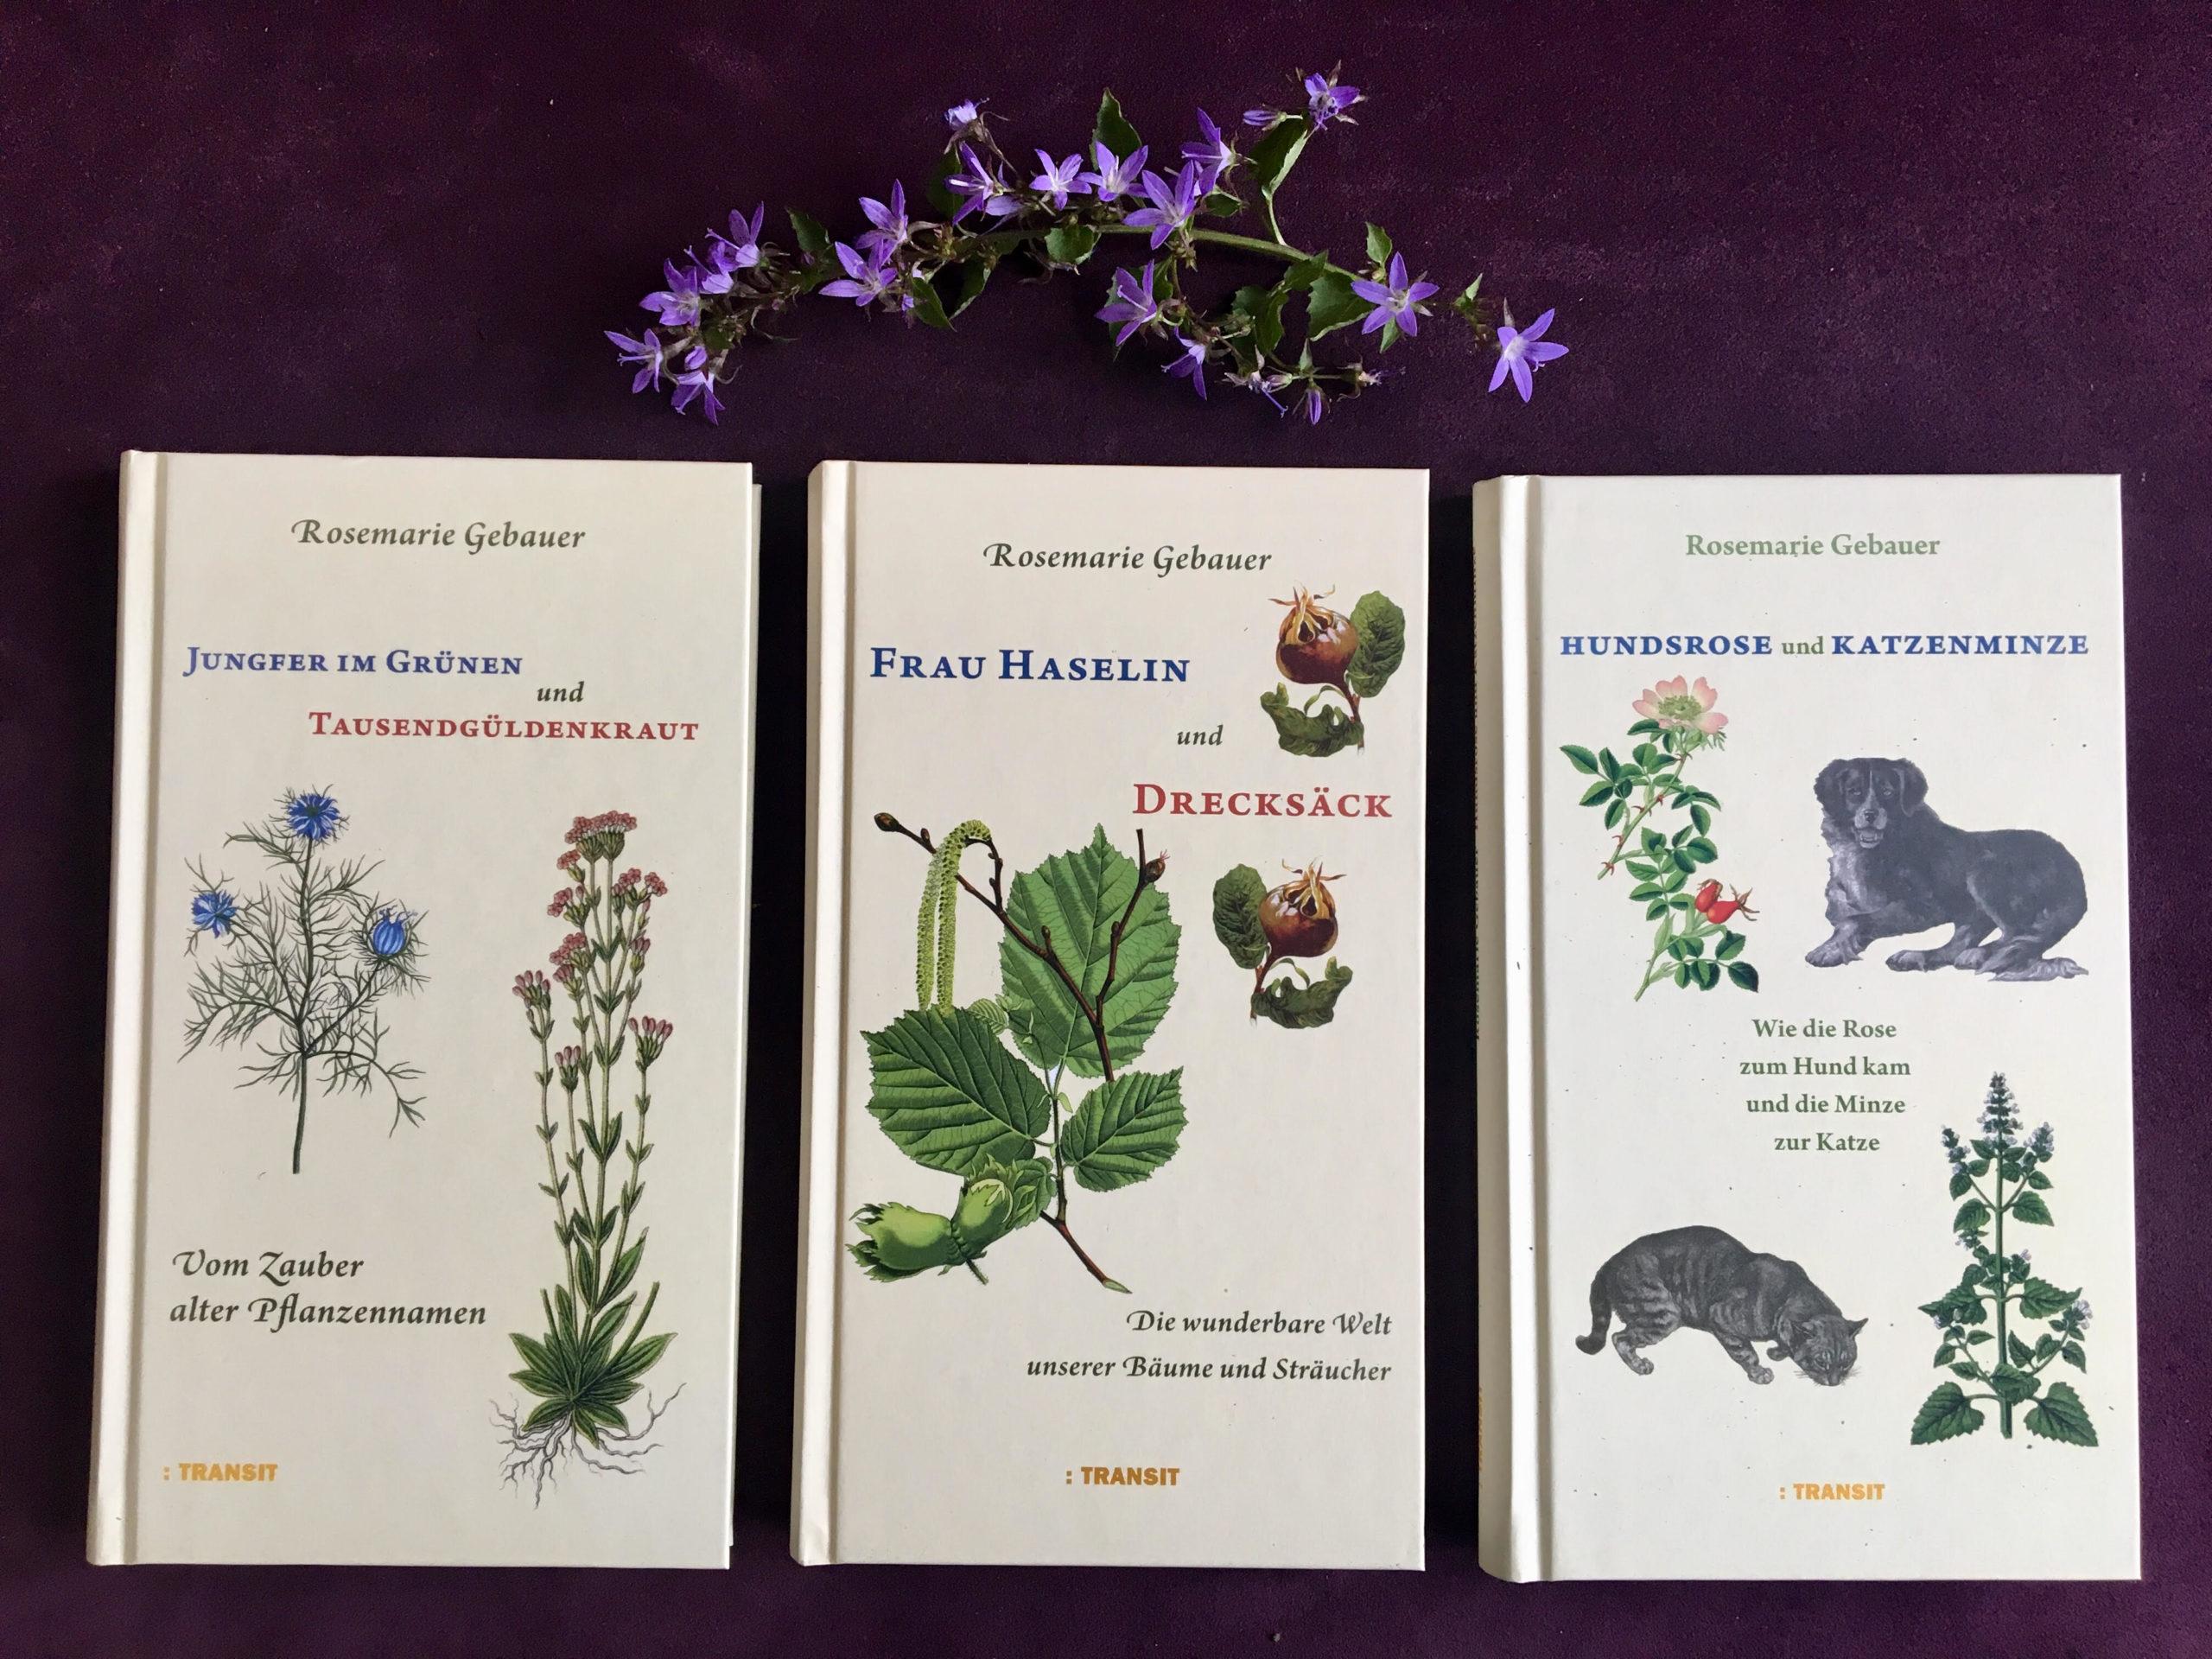 Bücher von Rosemarie Gebauer mit Glockenblumen